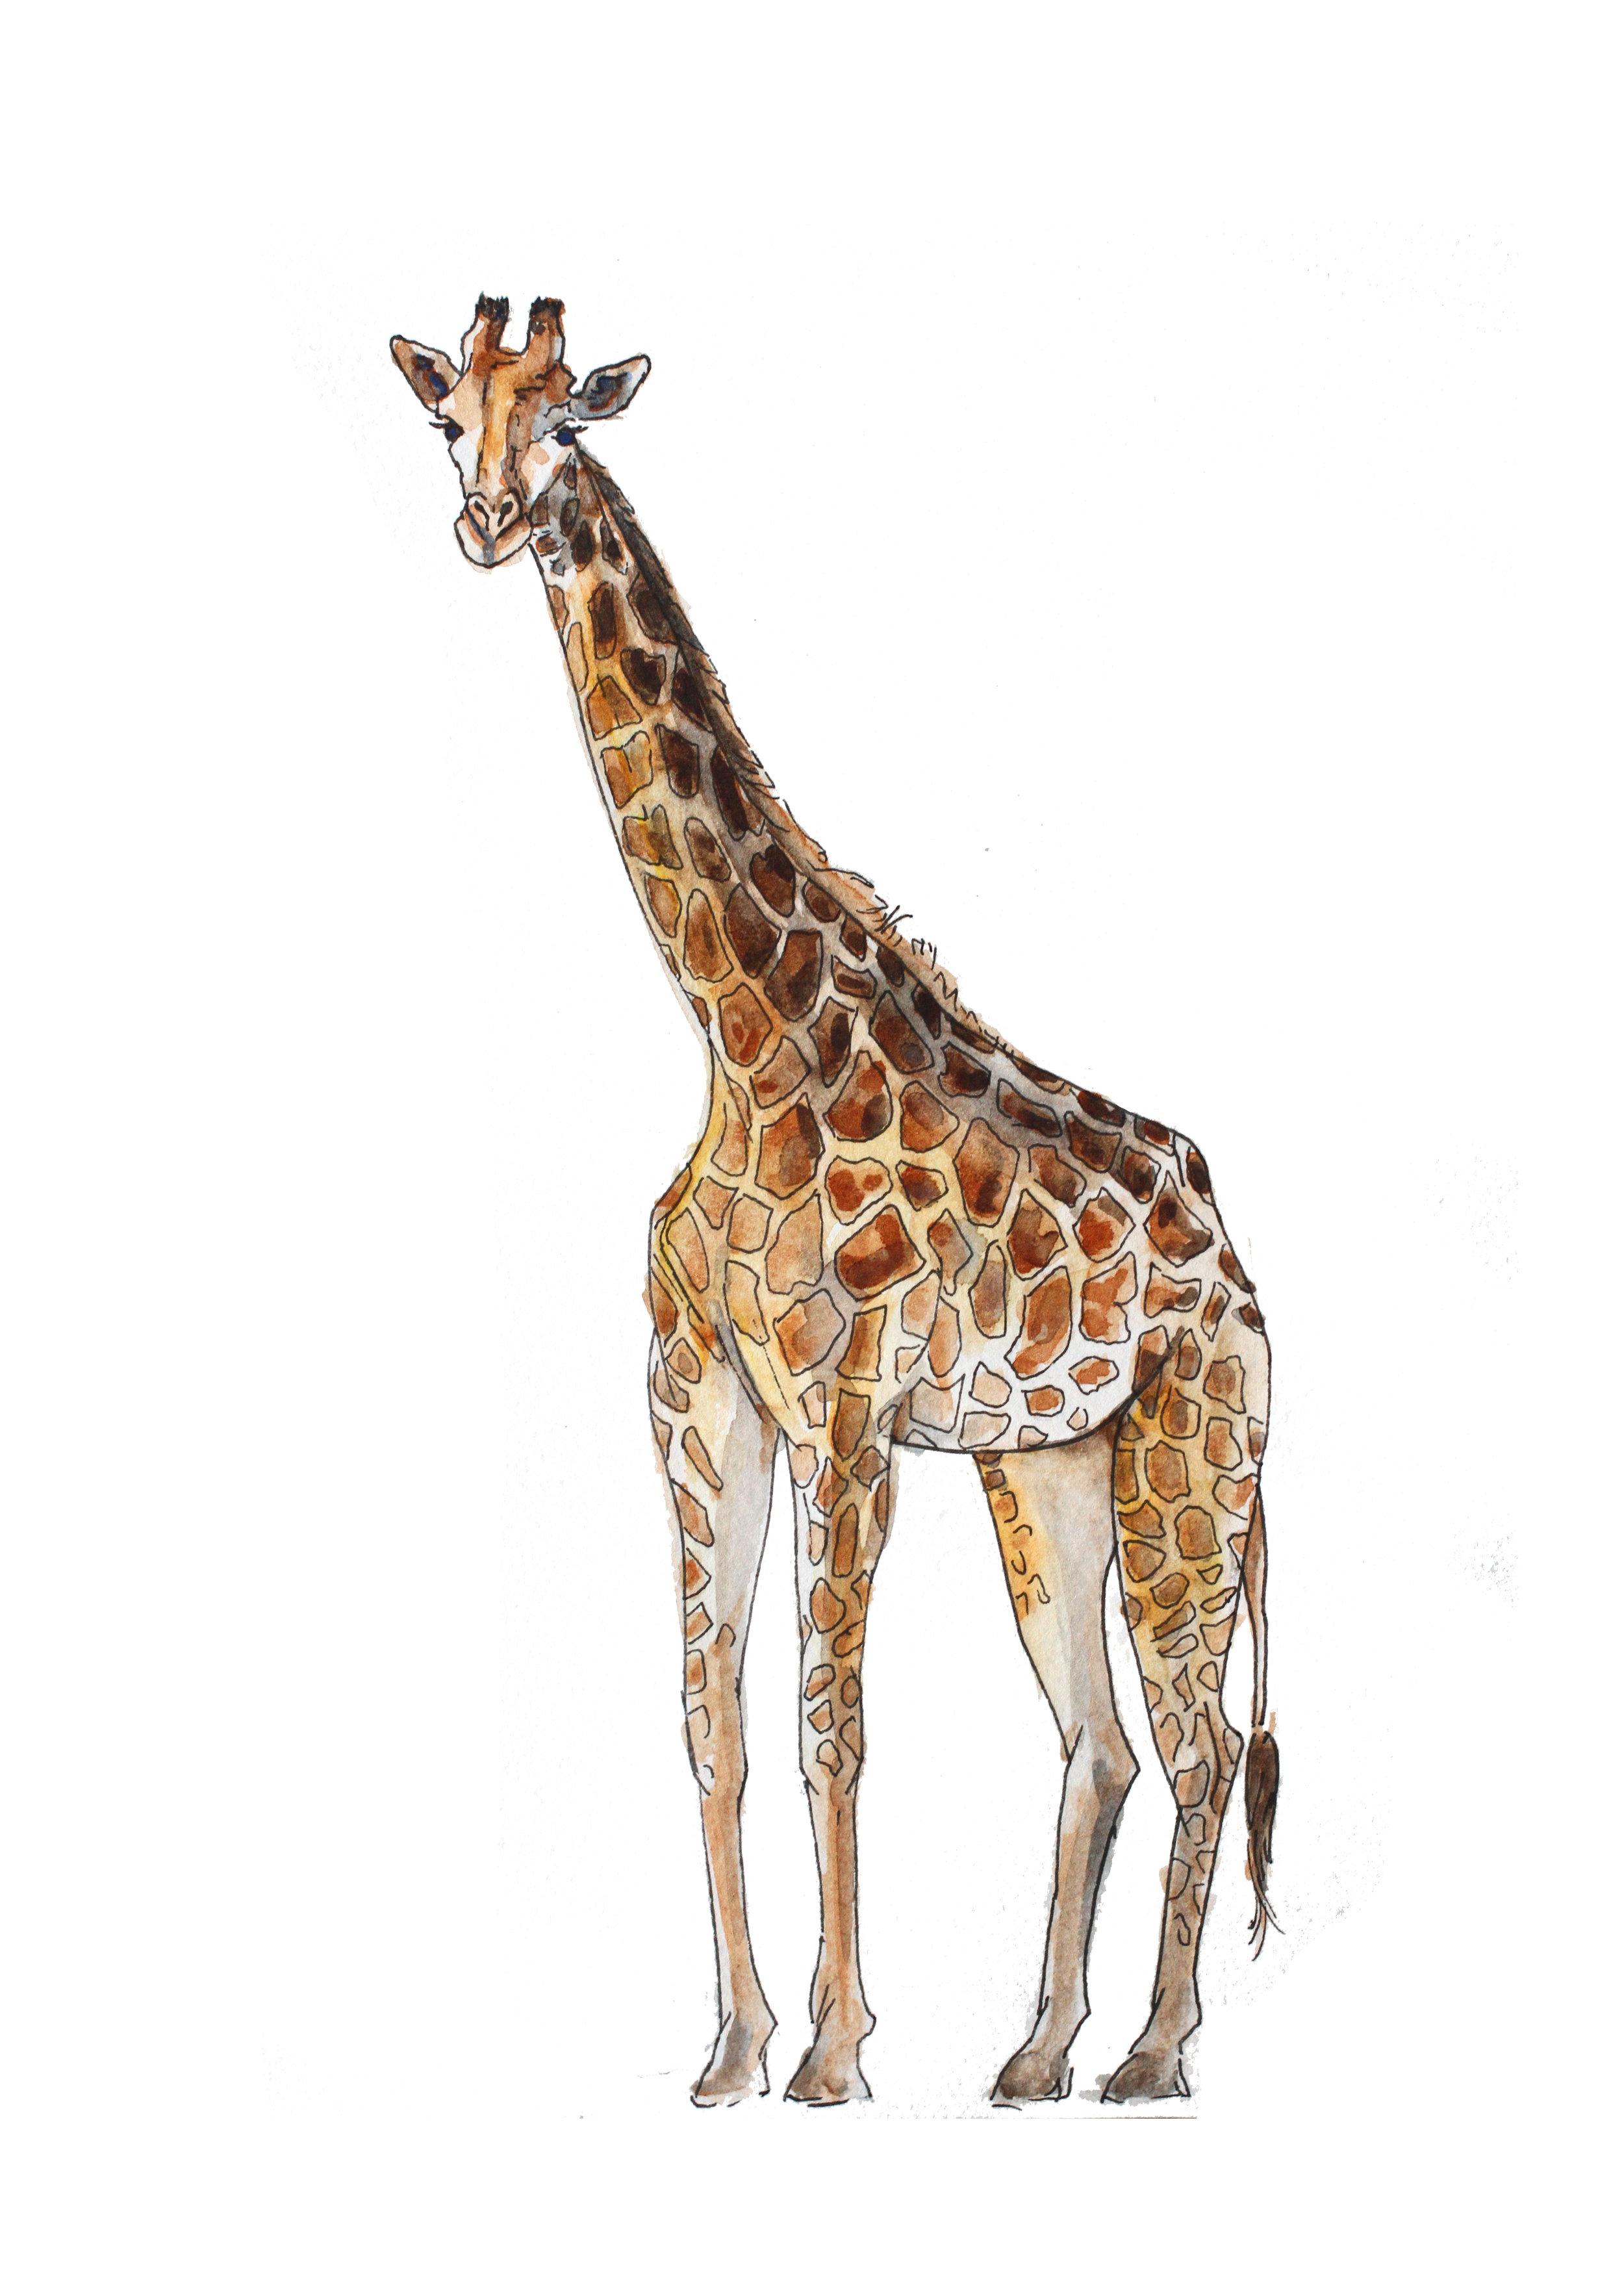 Giraffe2 5x7_1.jpg